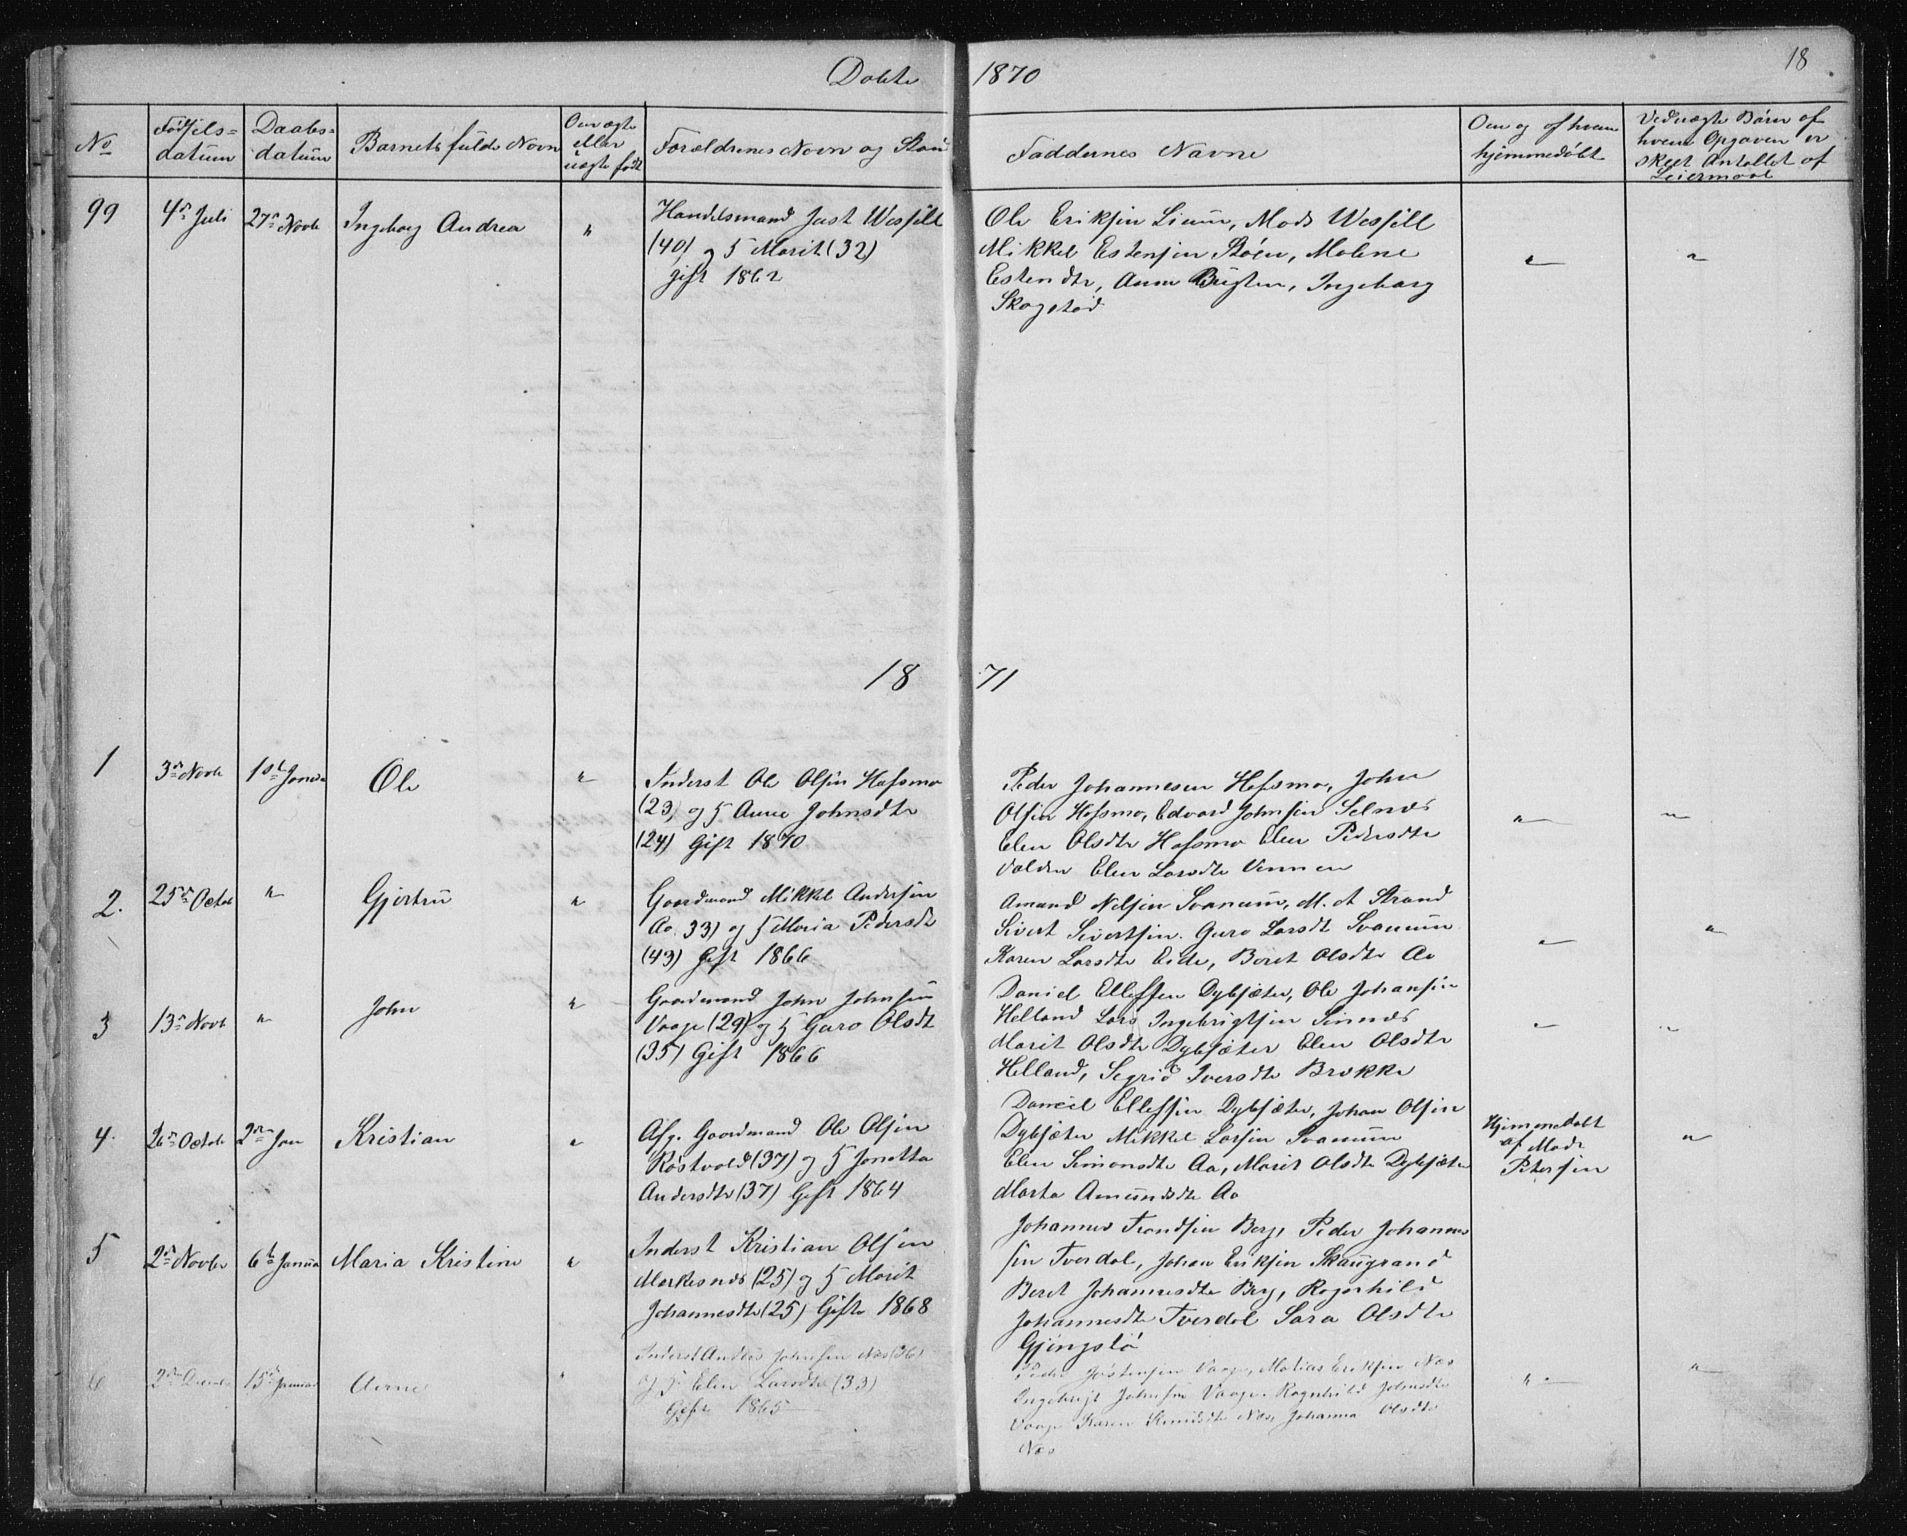 SAT, Ministerialprotokoller, klokkerbøker og fødselsregistre - Sør-Trøndelag, 630/L0503: Klokkerbok nr. 630C01, 1869-1878, s. 18